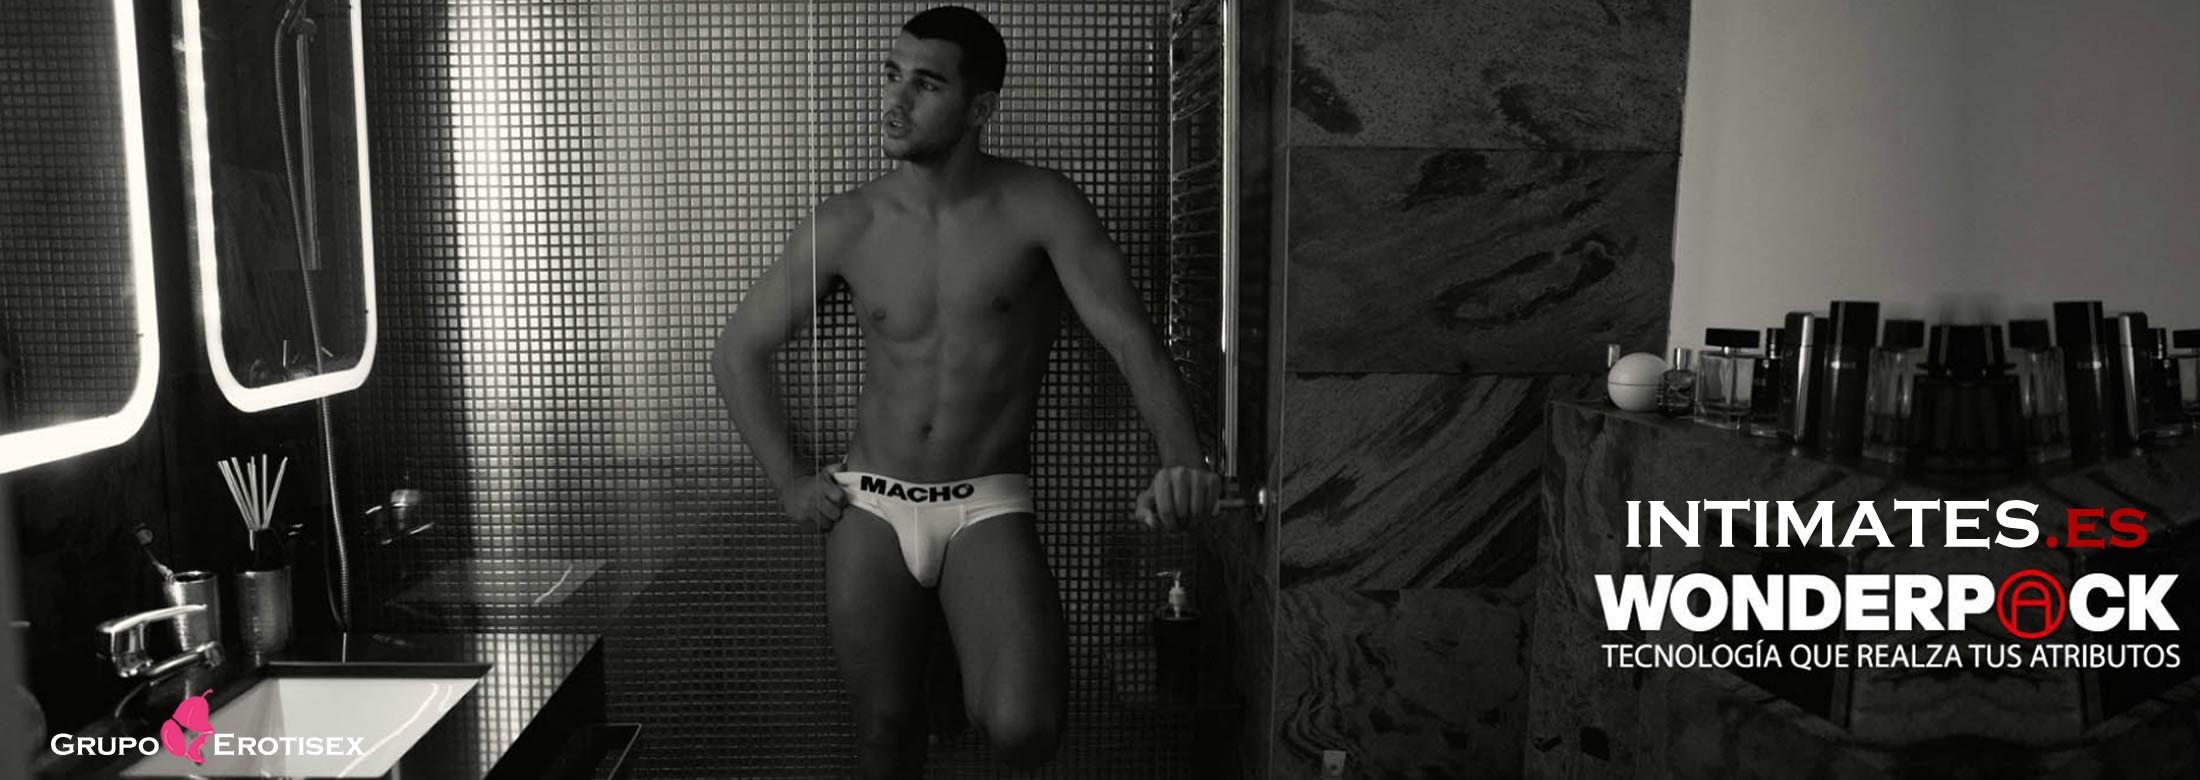 Macho underwear es una marca de ropa interior masculina que tiene sus origines en Colombia desde donde se ha convertido en un referente a nivel mundial en la moda intimo masculina.